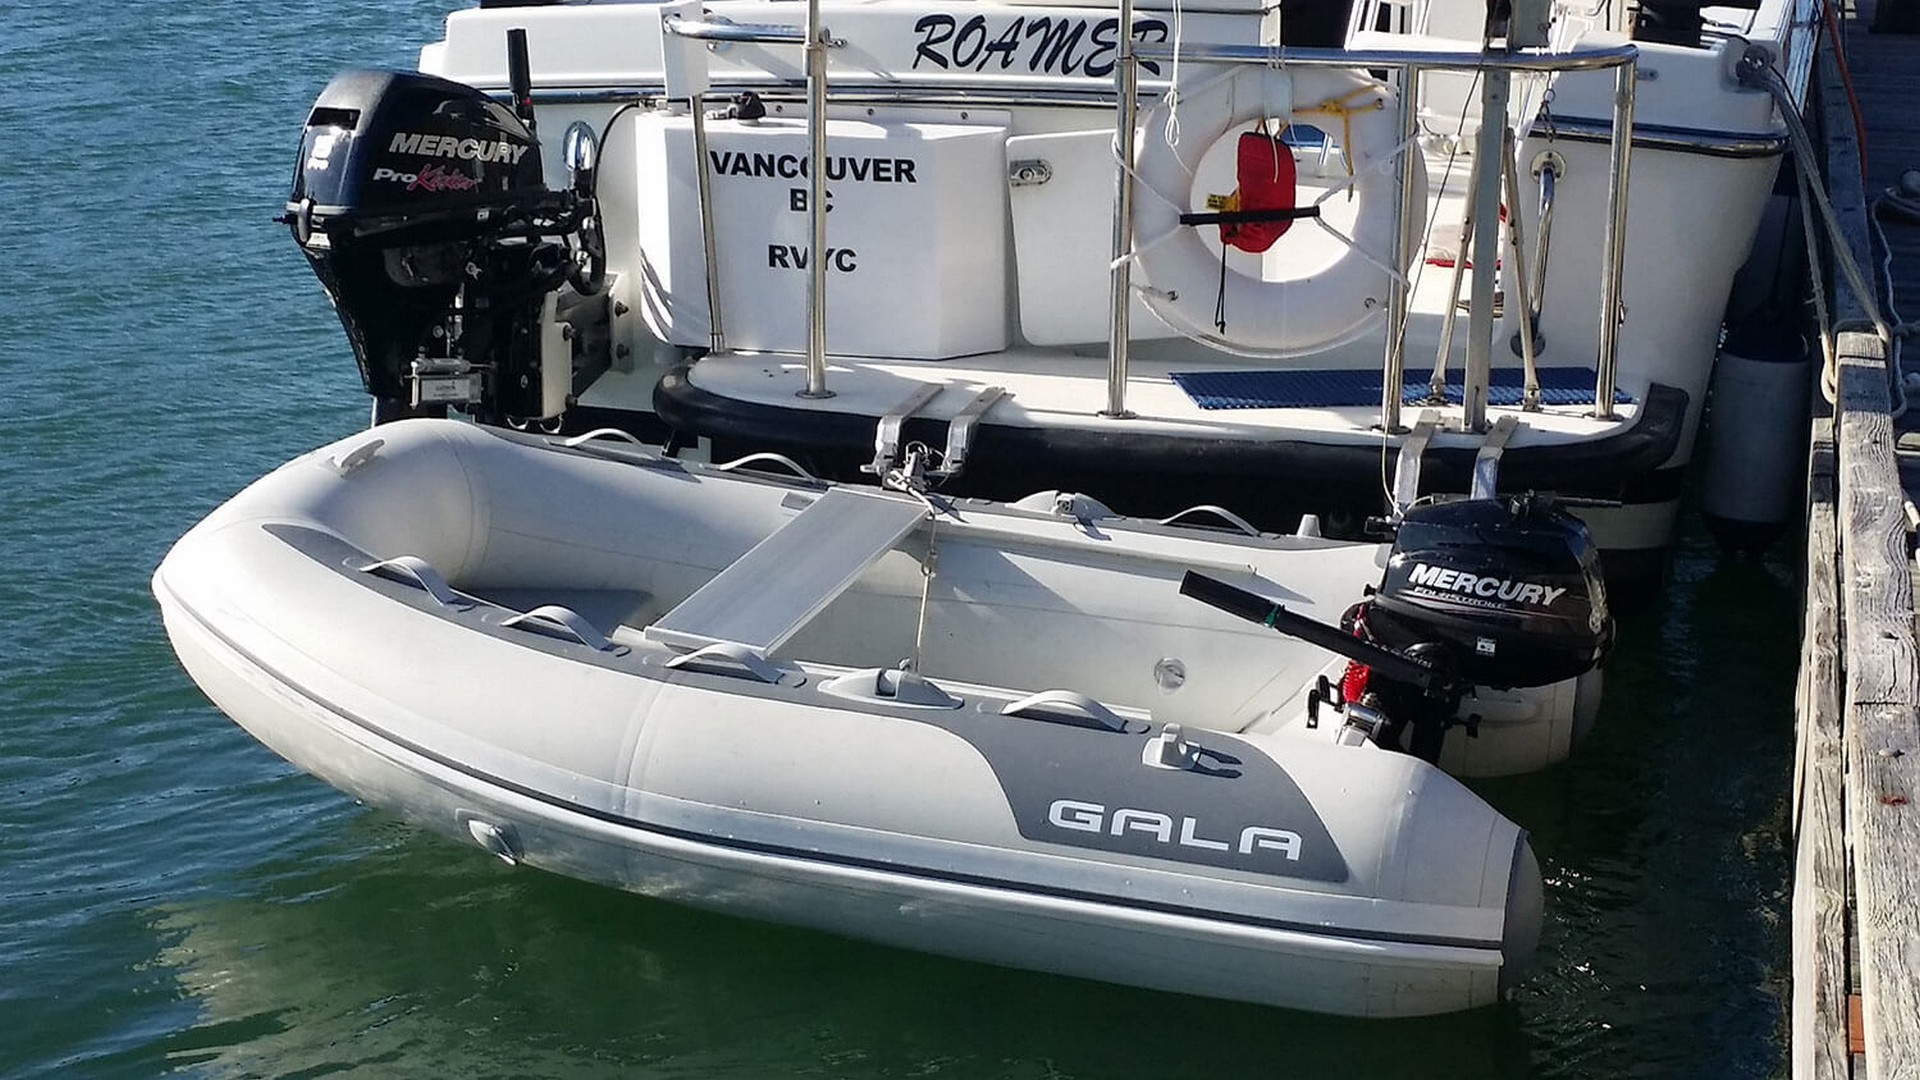 Надувная лодка с жестким алюминиевым дном GALA Atlantis A270, Надувная лодка с жестким дном GALA Atlantis A270, Надувная лодка с жестким дном GALA A270, Надувная лодка GALA A270, Надувная лодка GALA A270, GALA A270, Надувная лодка GALA A270D, Надувная лодка GALA A270D, GALA A270D, лодка с жестким дном, алюминиевый риб, алюминиевый RIB, RIB, тендерная лодка, тендер для яхты